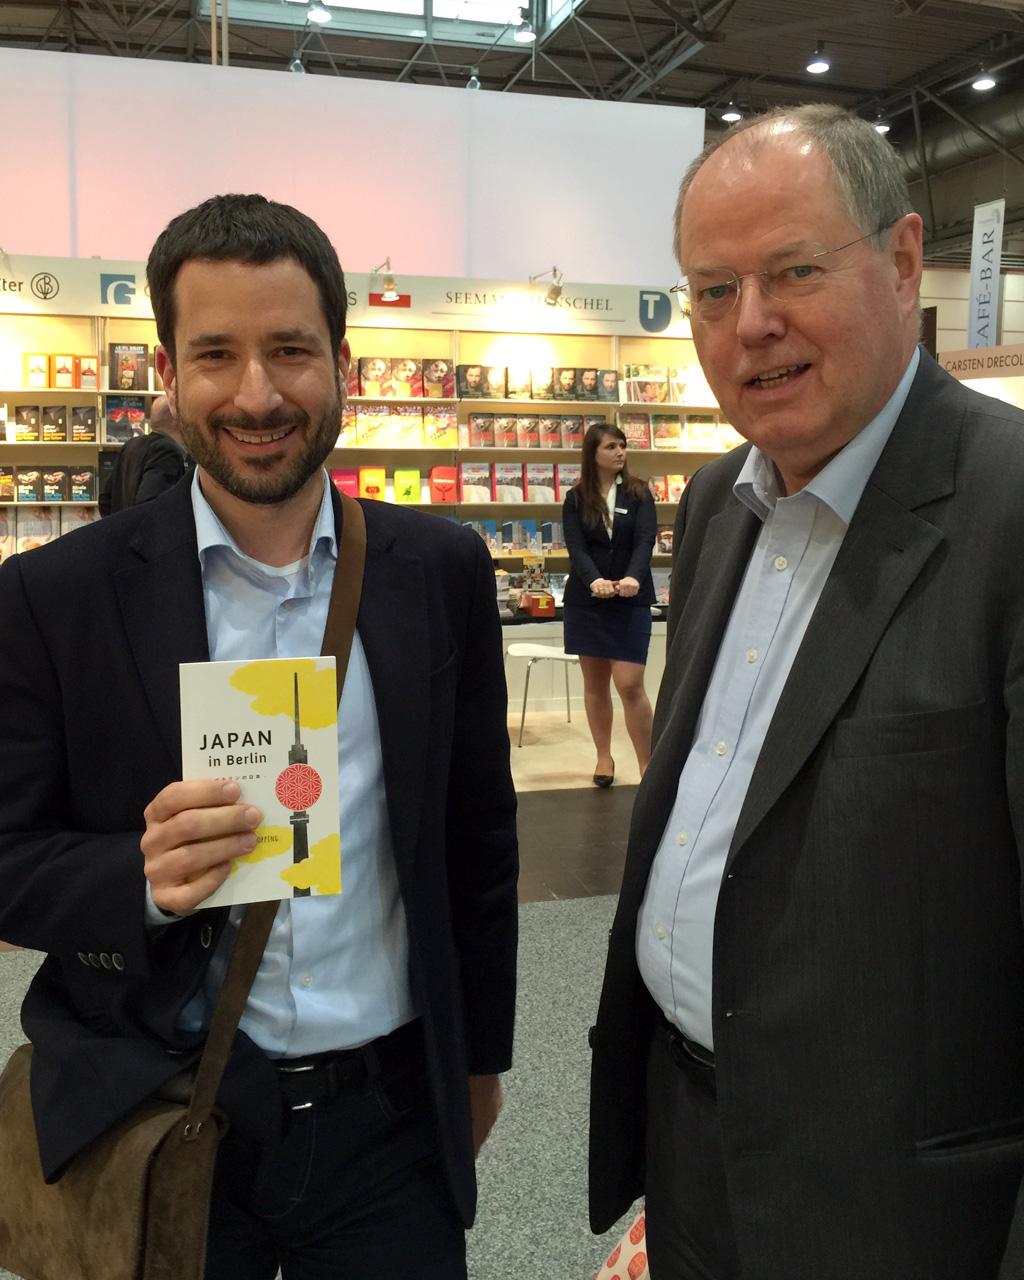 Japan-in-Muenchen-Buchmesse-Leipzig-2015-Peer-Steinbrueck-IMG_3754